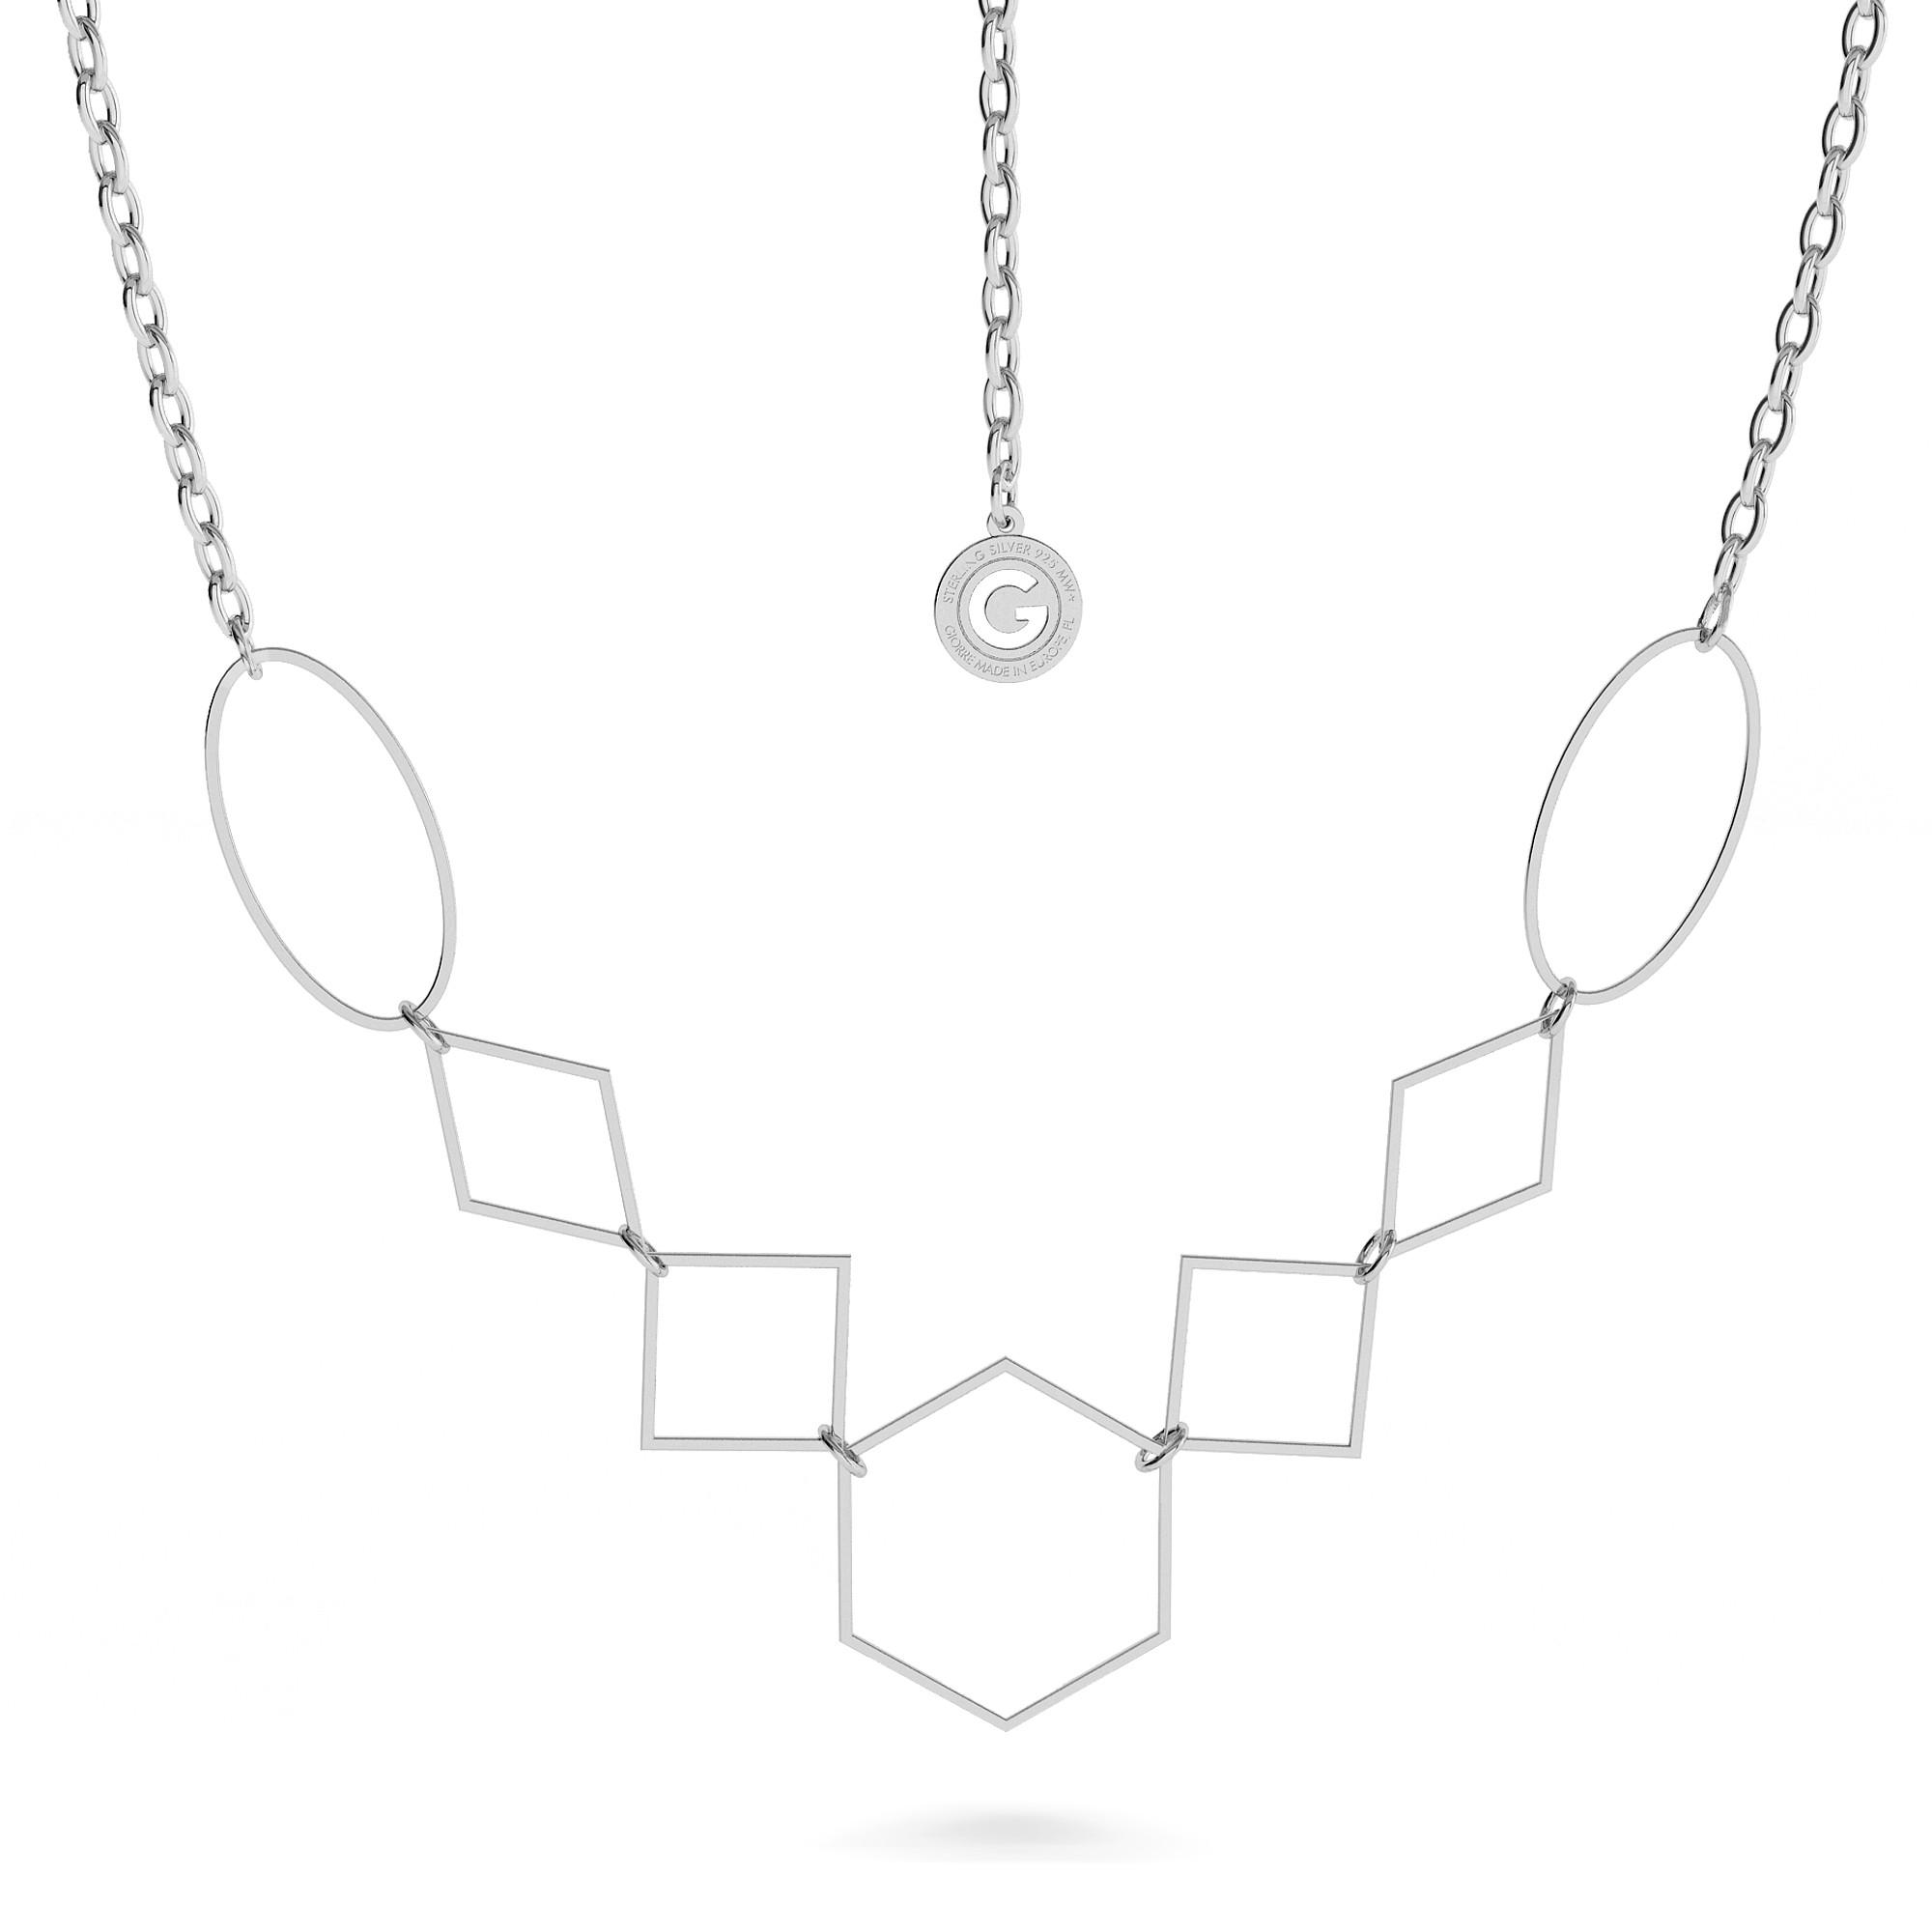 Srebrny naszyjnik figury geometryczne kształty 925